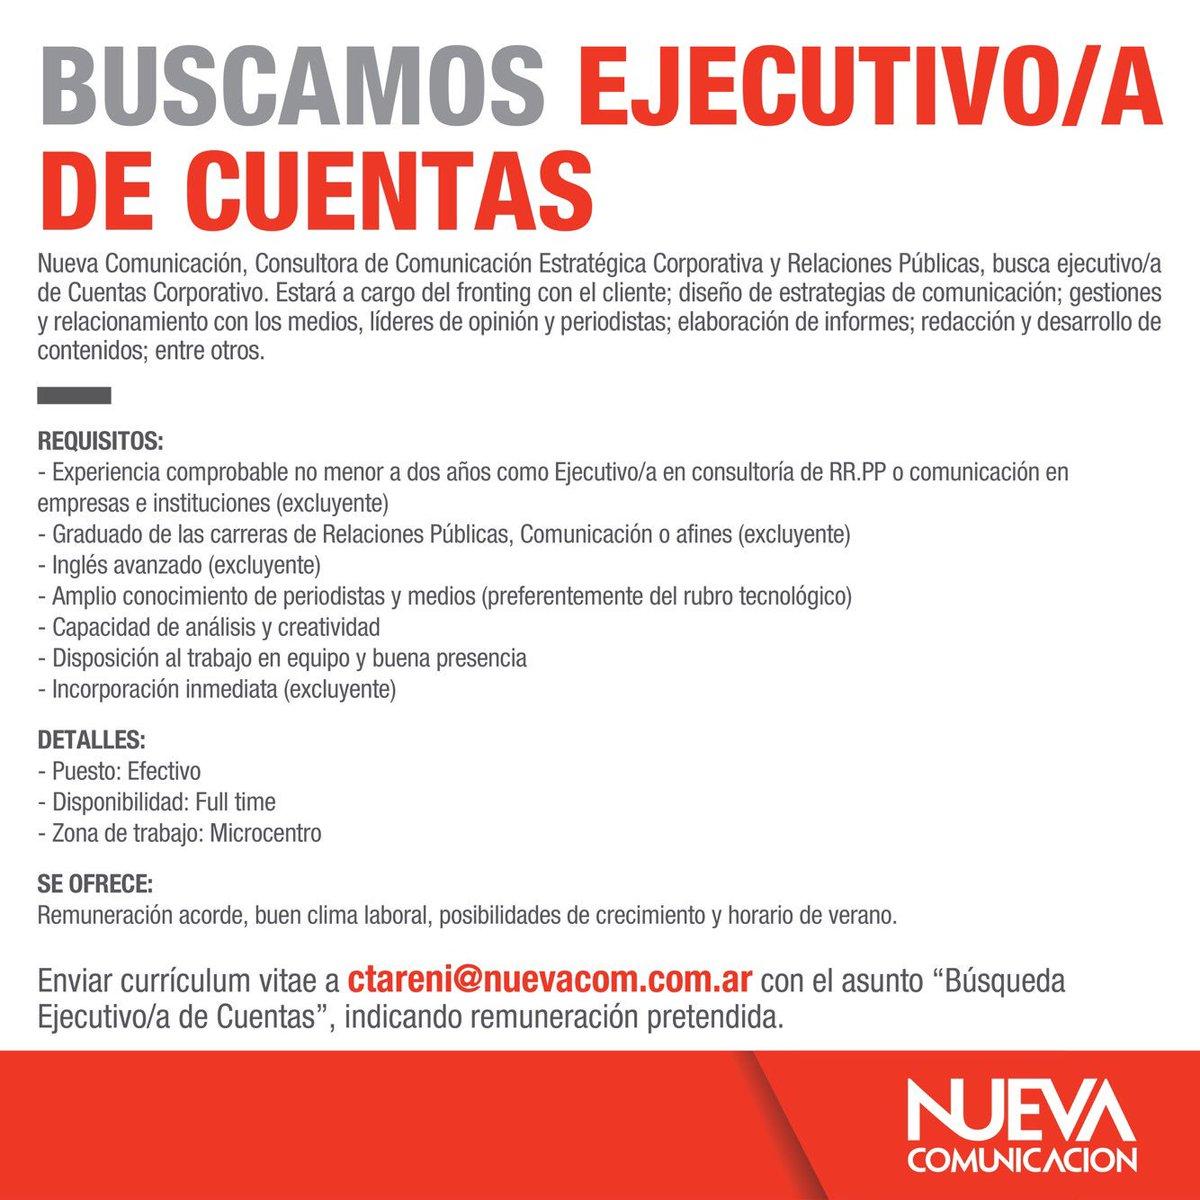 Nueva Comunicación on Twitter: \